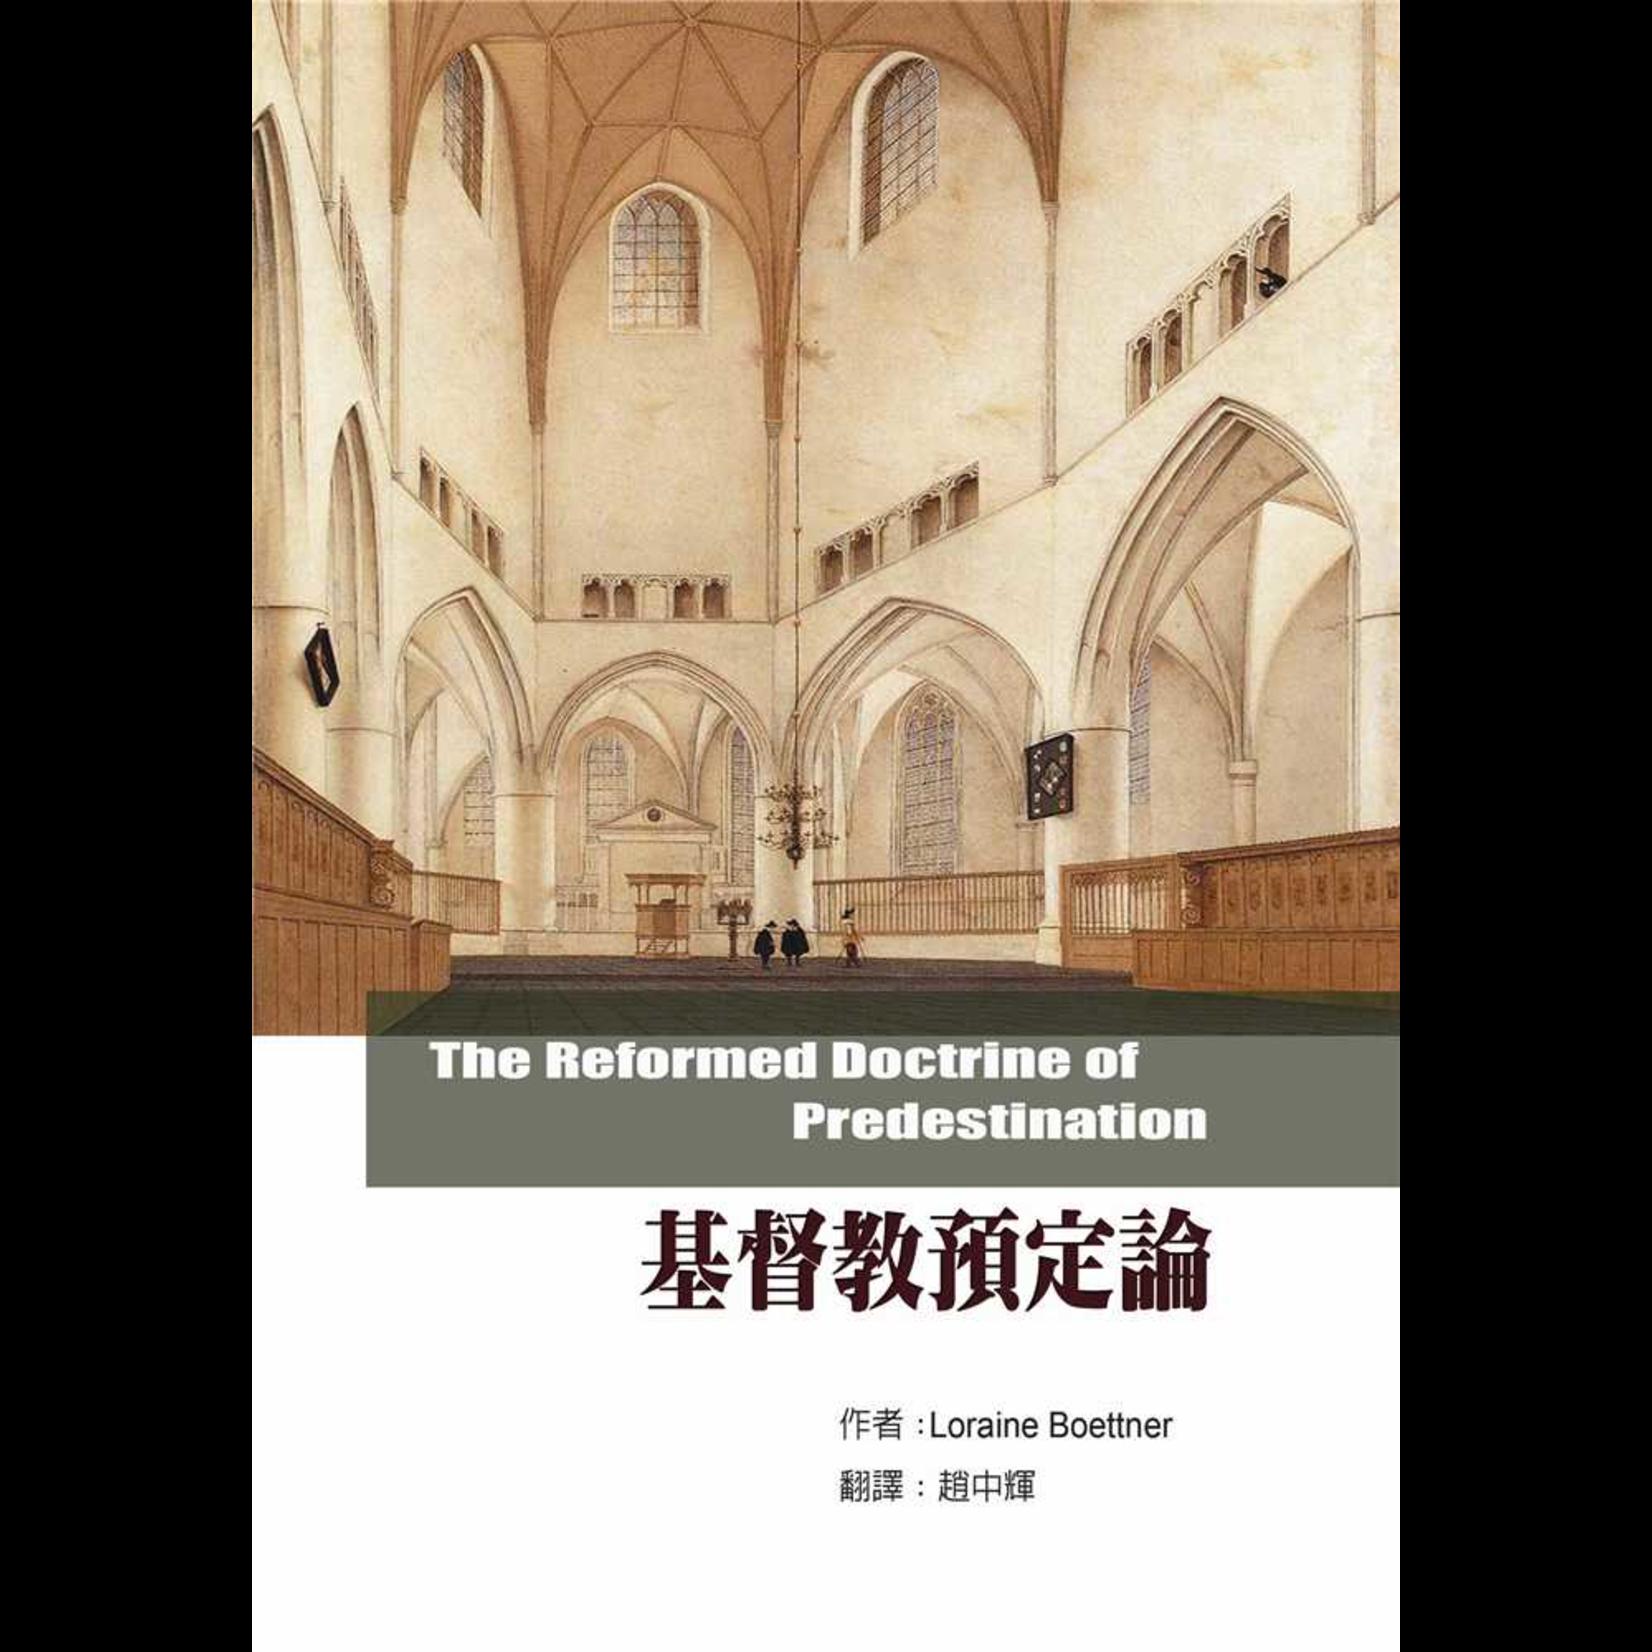 改革宗 Reformation Translation Fellowship Press 基督教預定論(修訂版) The Reformed Doctrine of Predestination